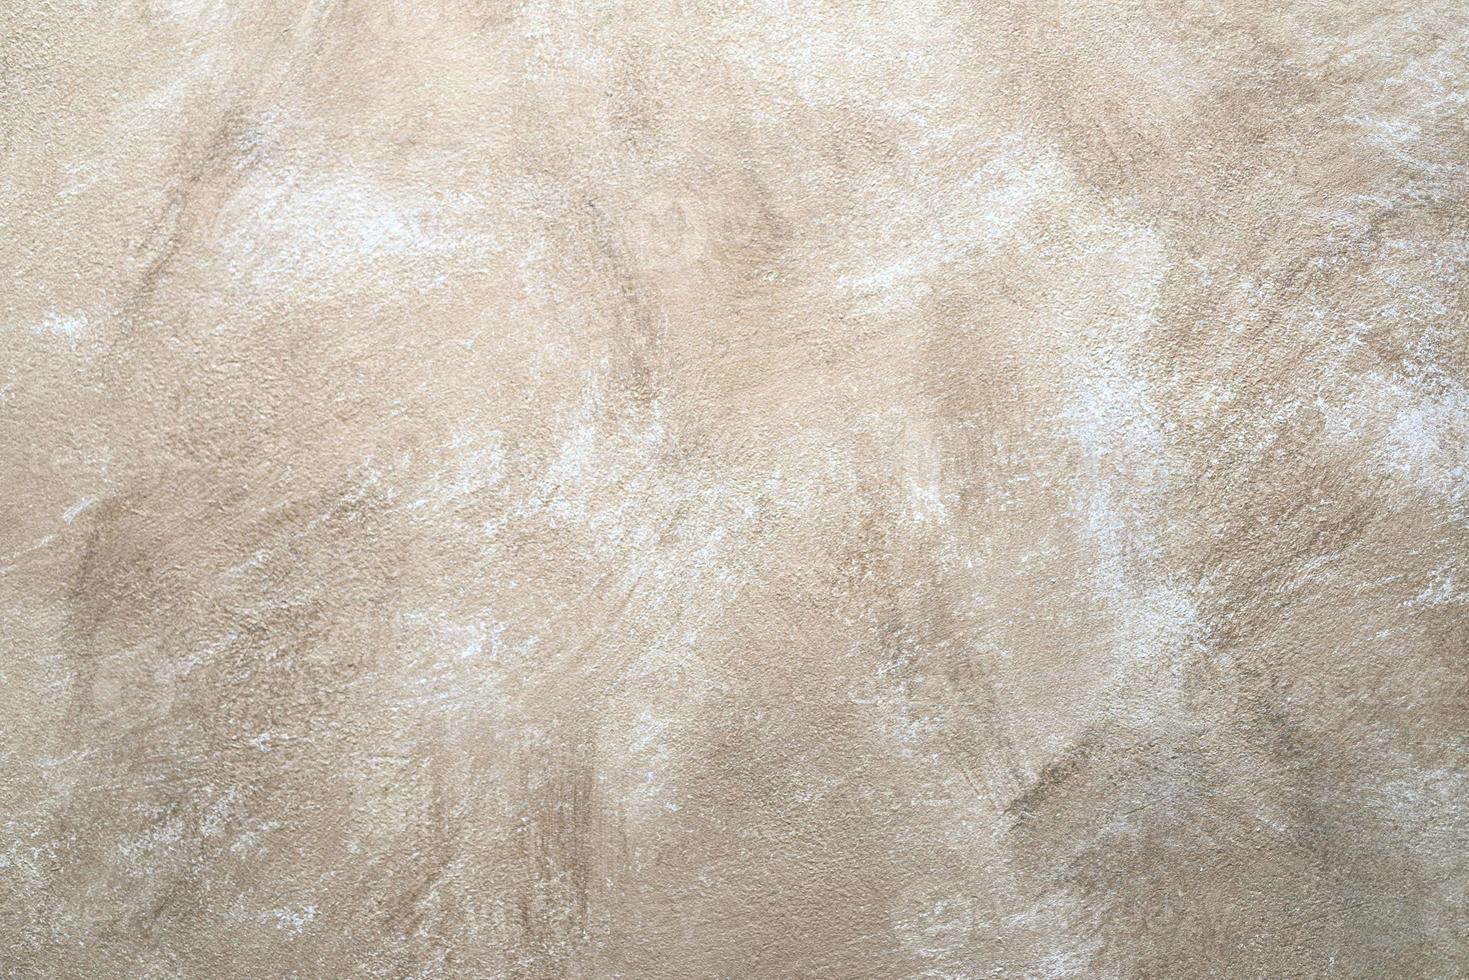 Rock abstrakte beige Wand Hintergrund foto